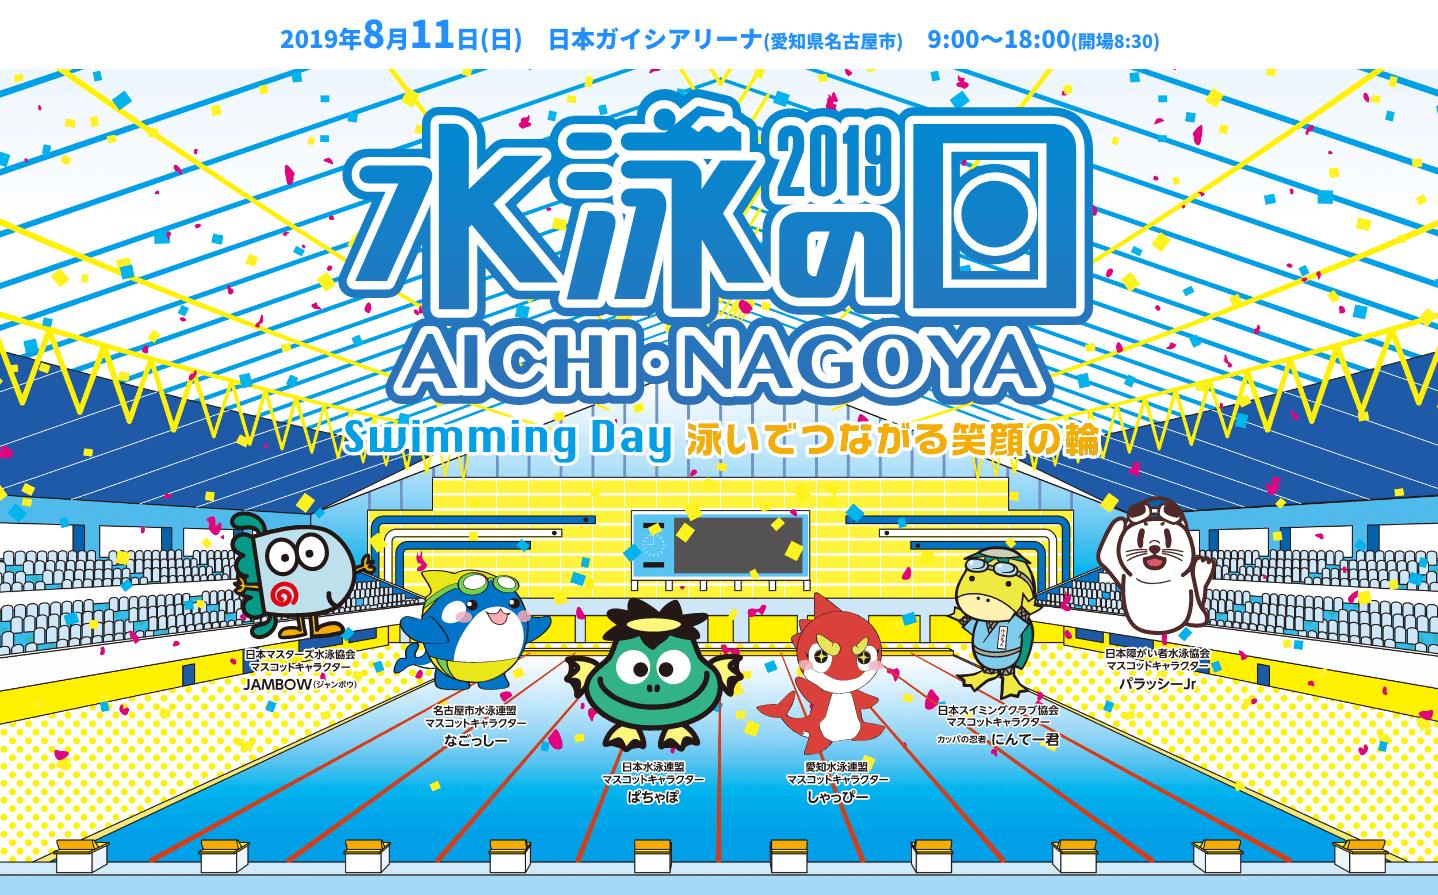 8/11は水泳の日!「水泳の日2019愛知・名古屋」開催です